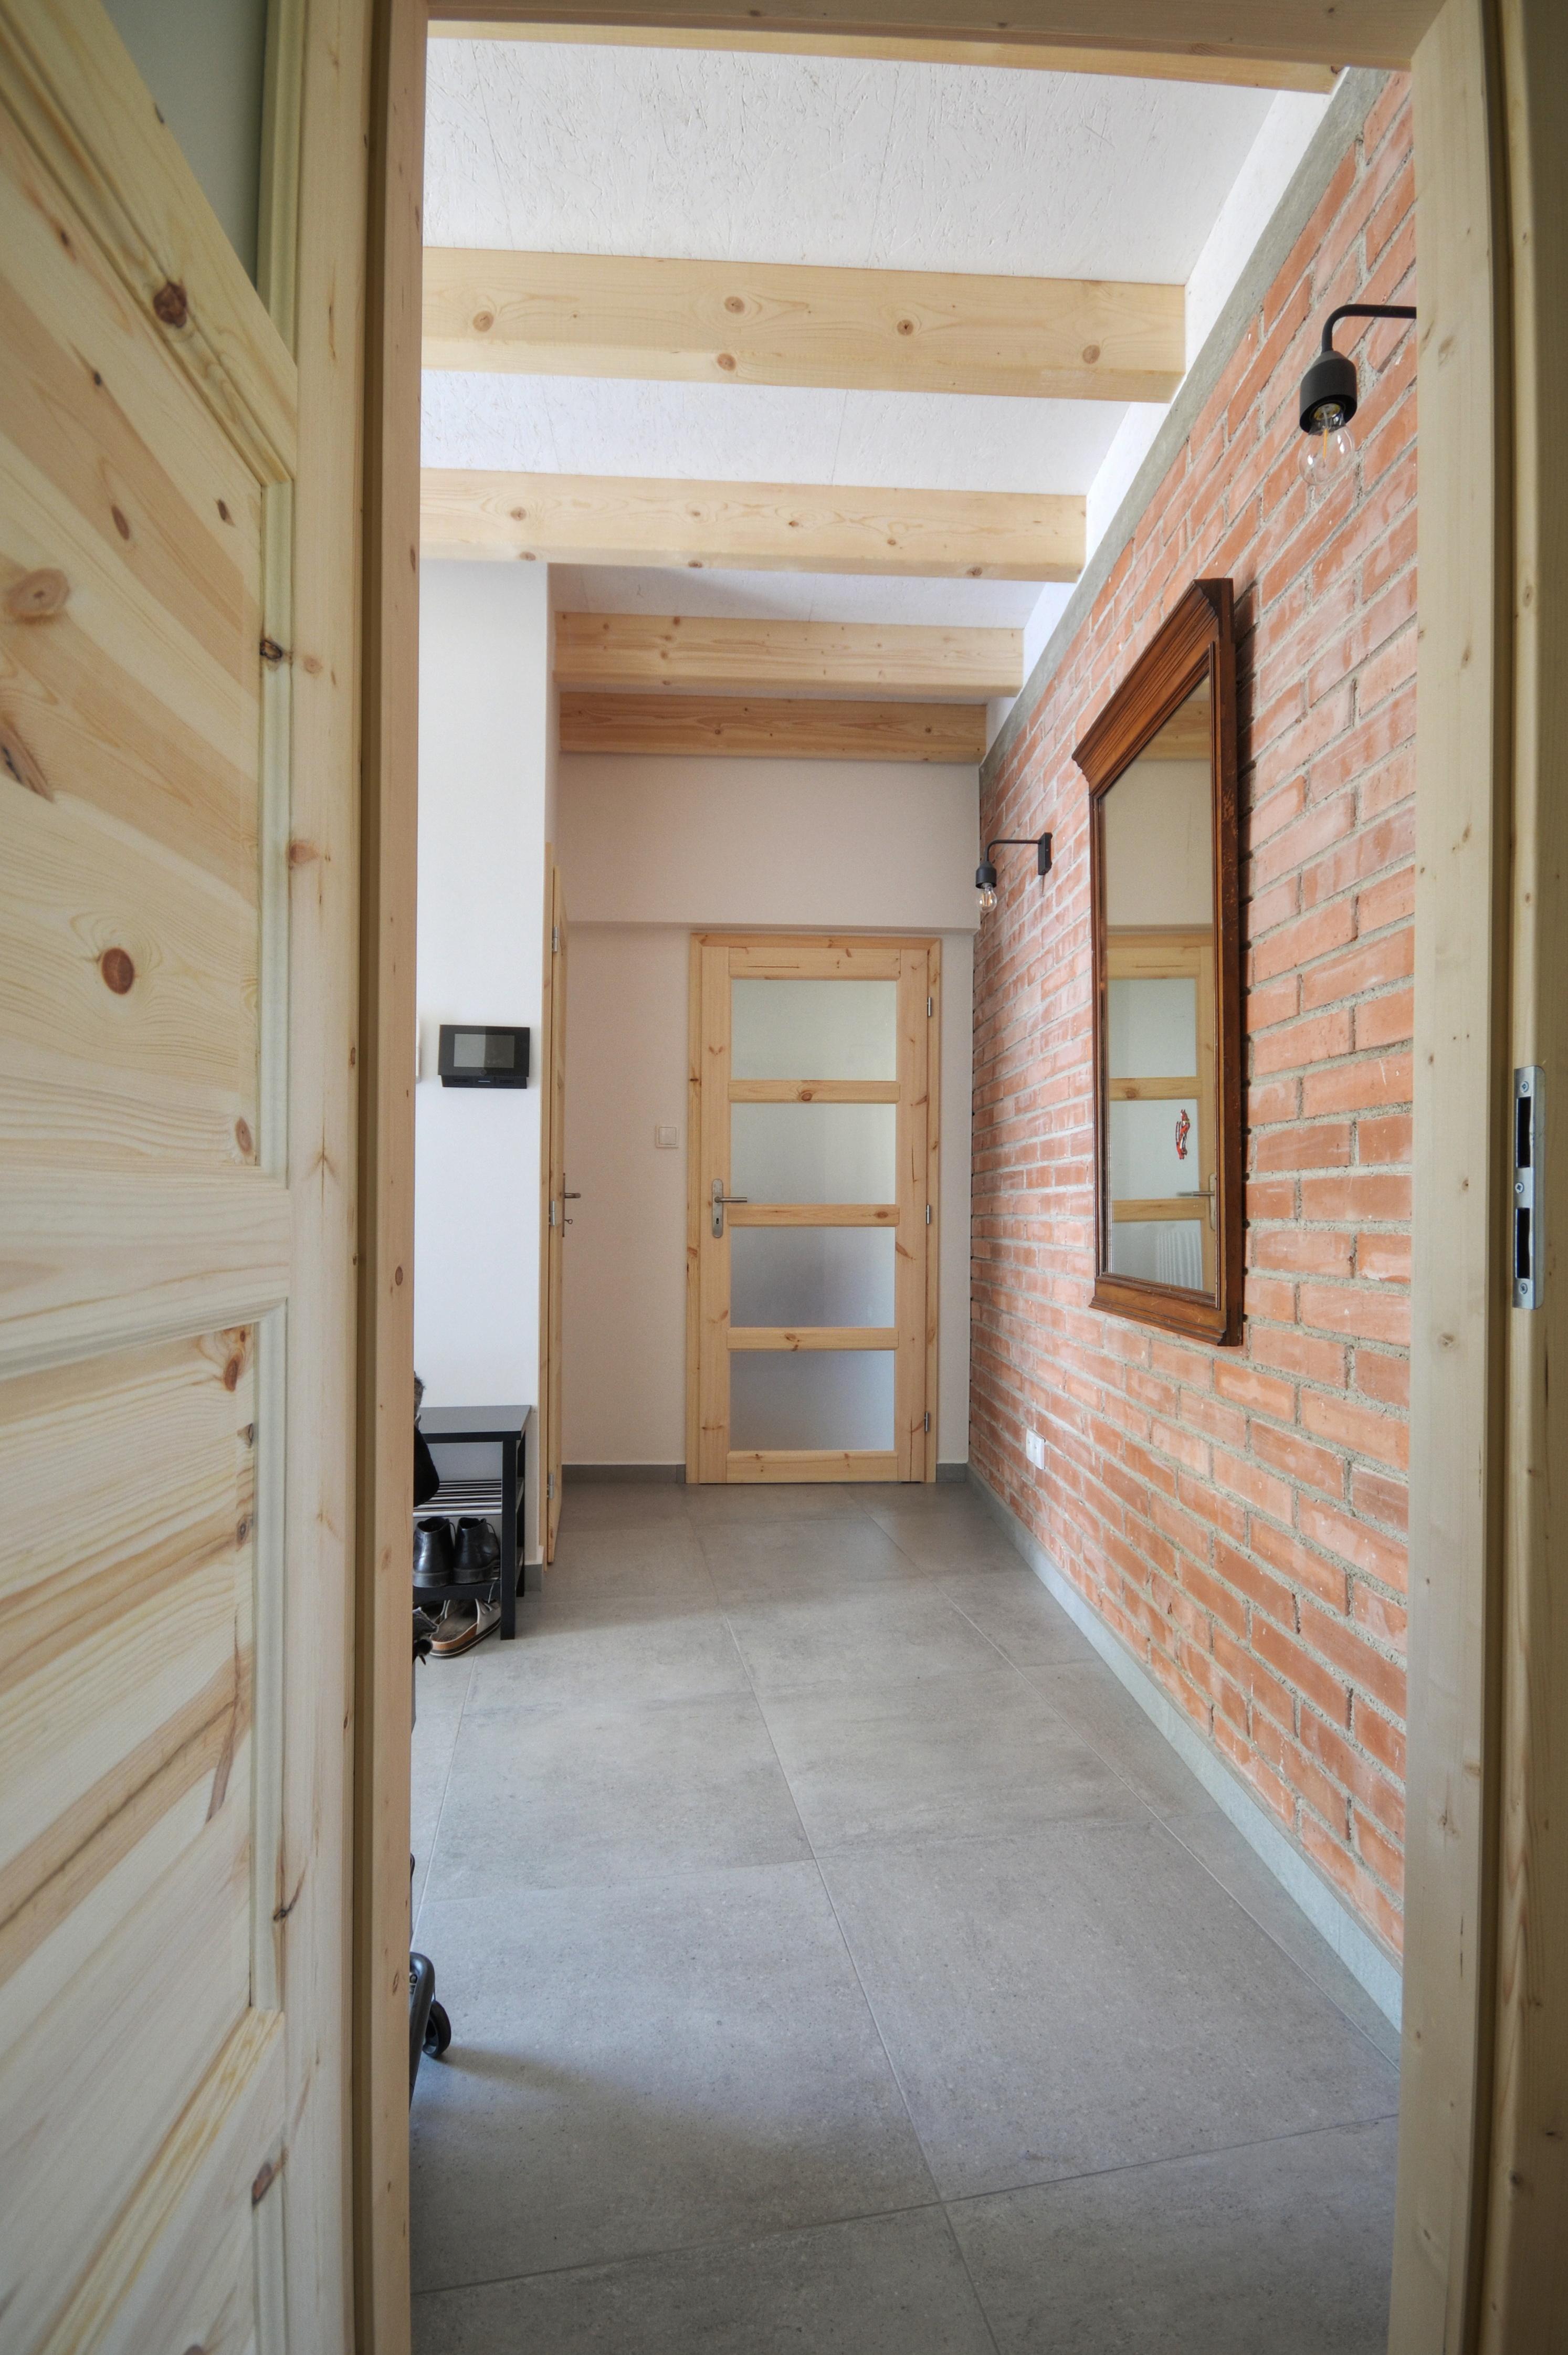 interiér, dřevostavba, vestavba, chytrý dům